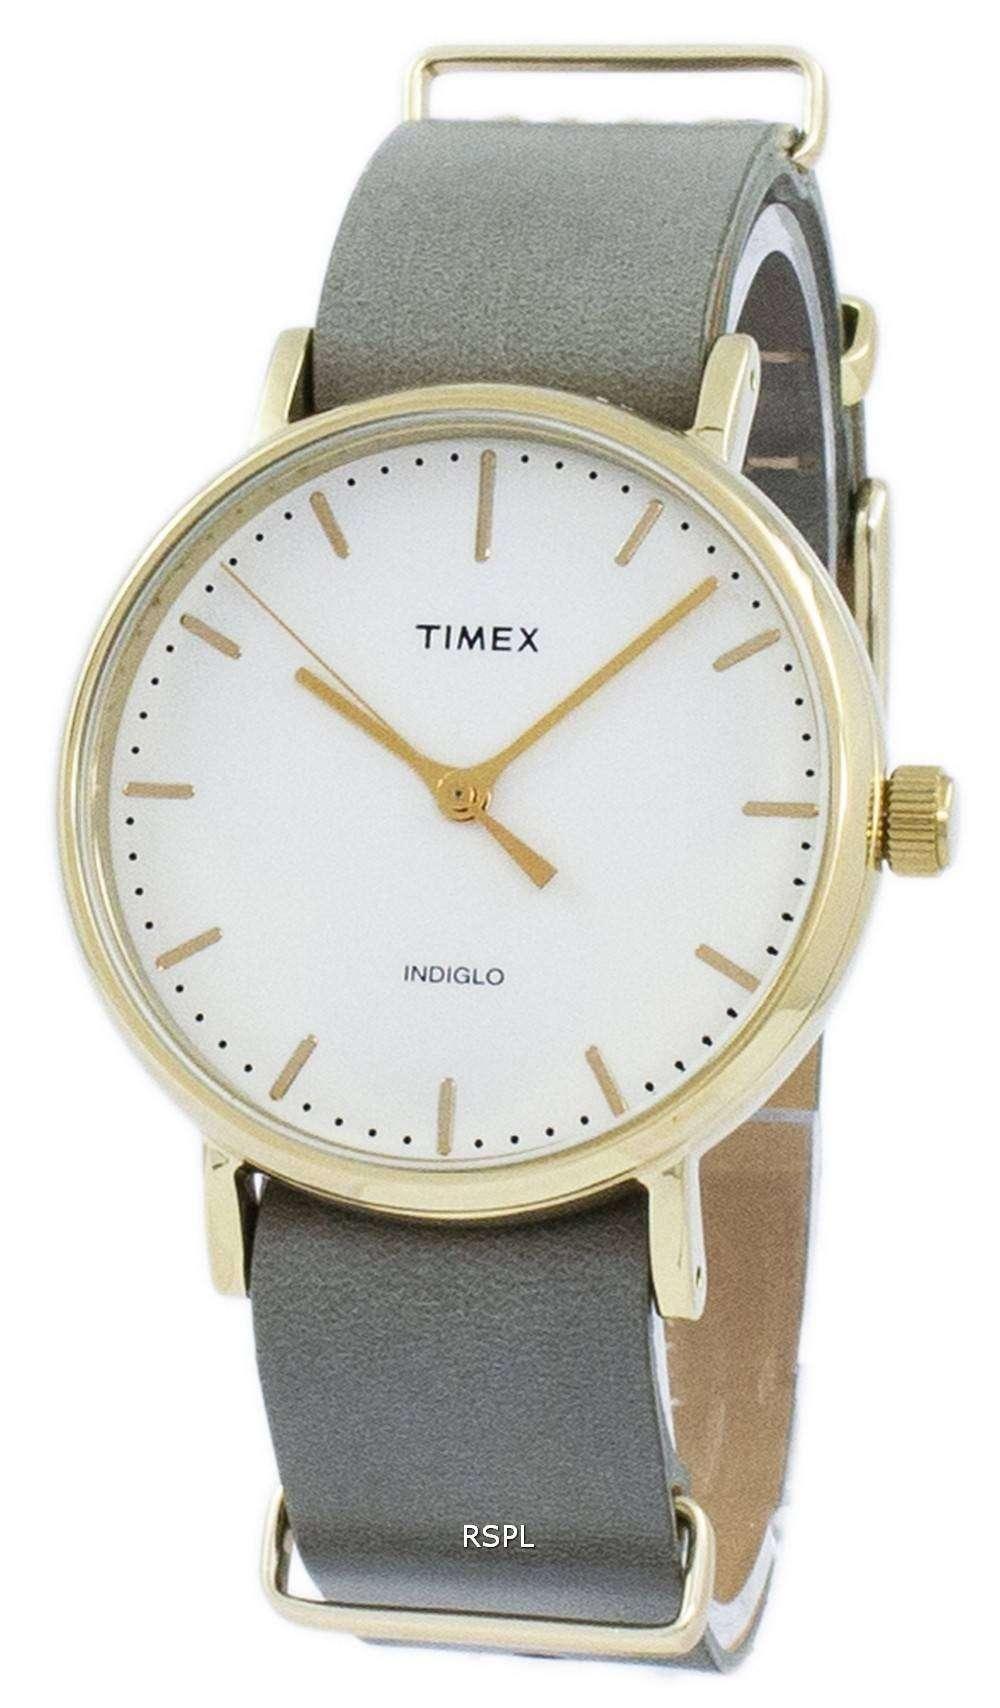 タイメックス ウィークエンダー フェア フィールド Indiglo クオーツ TW2P98500 ユニセックス腕時計